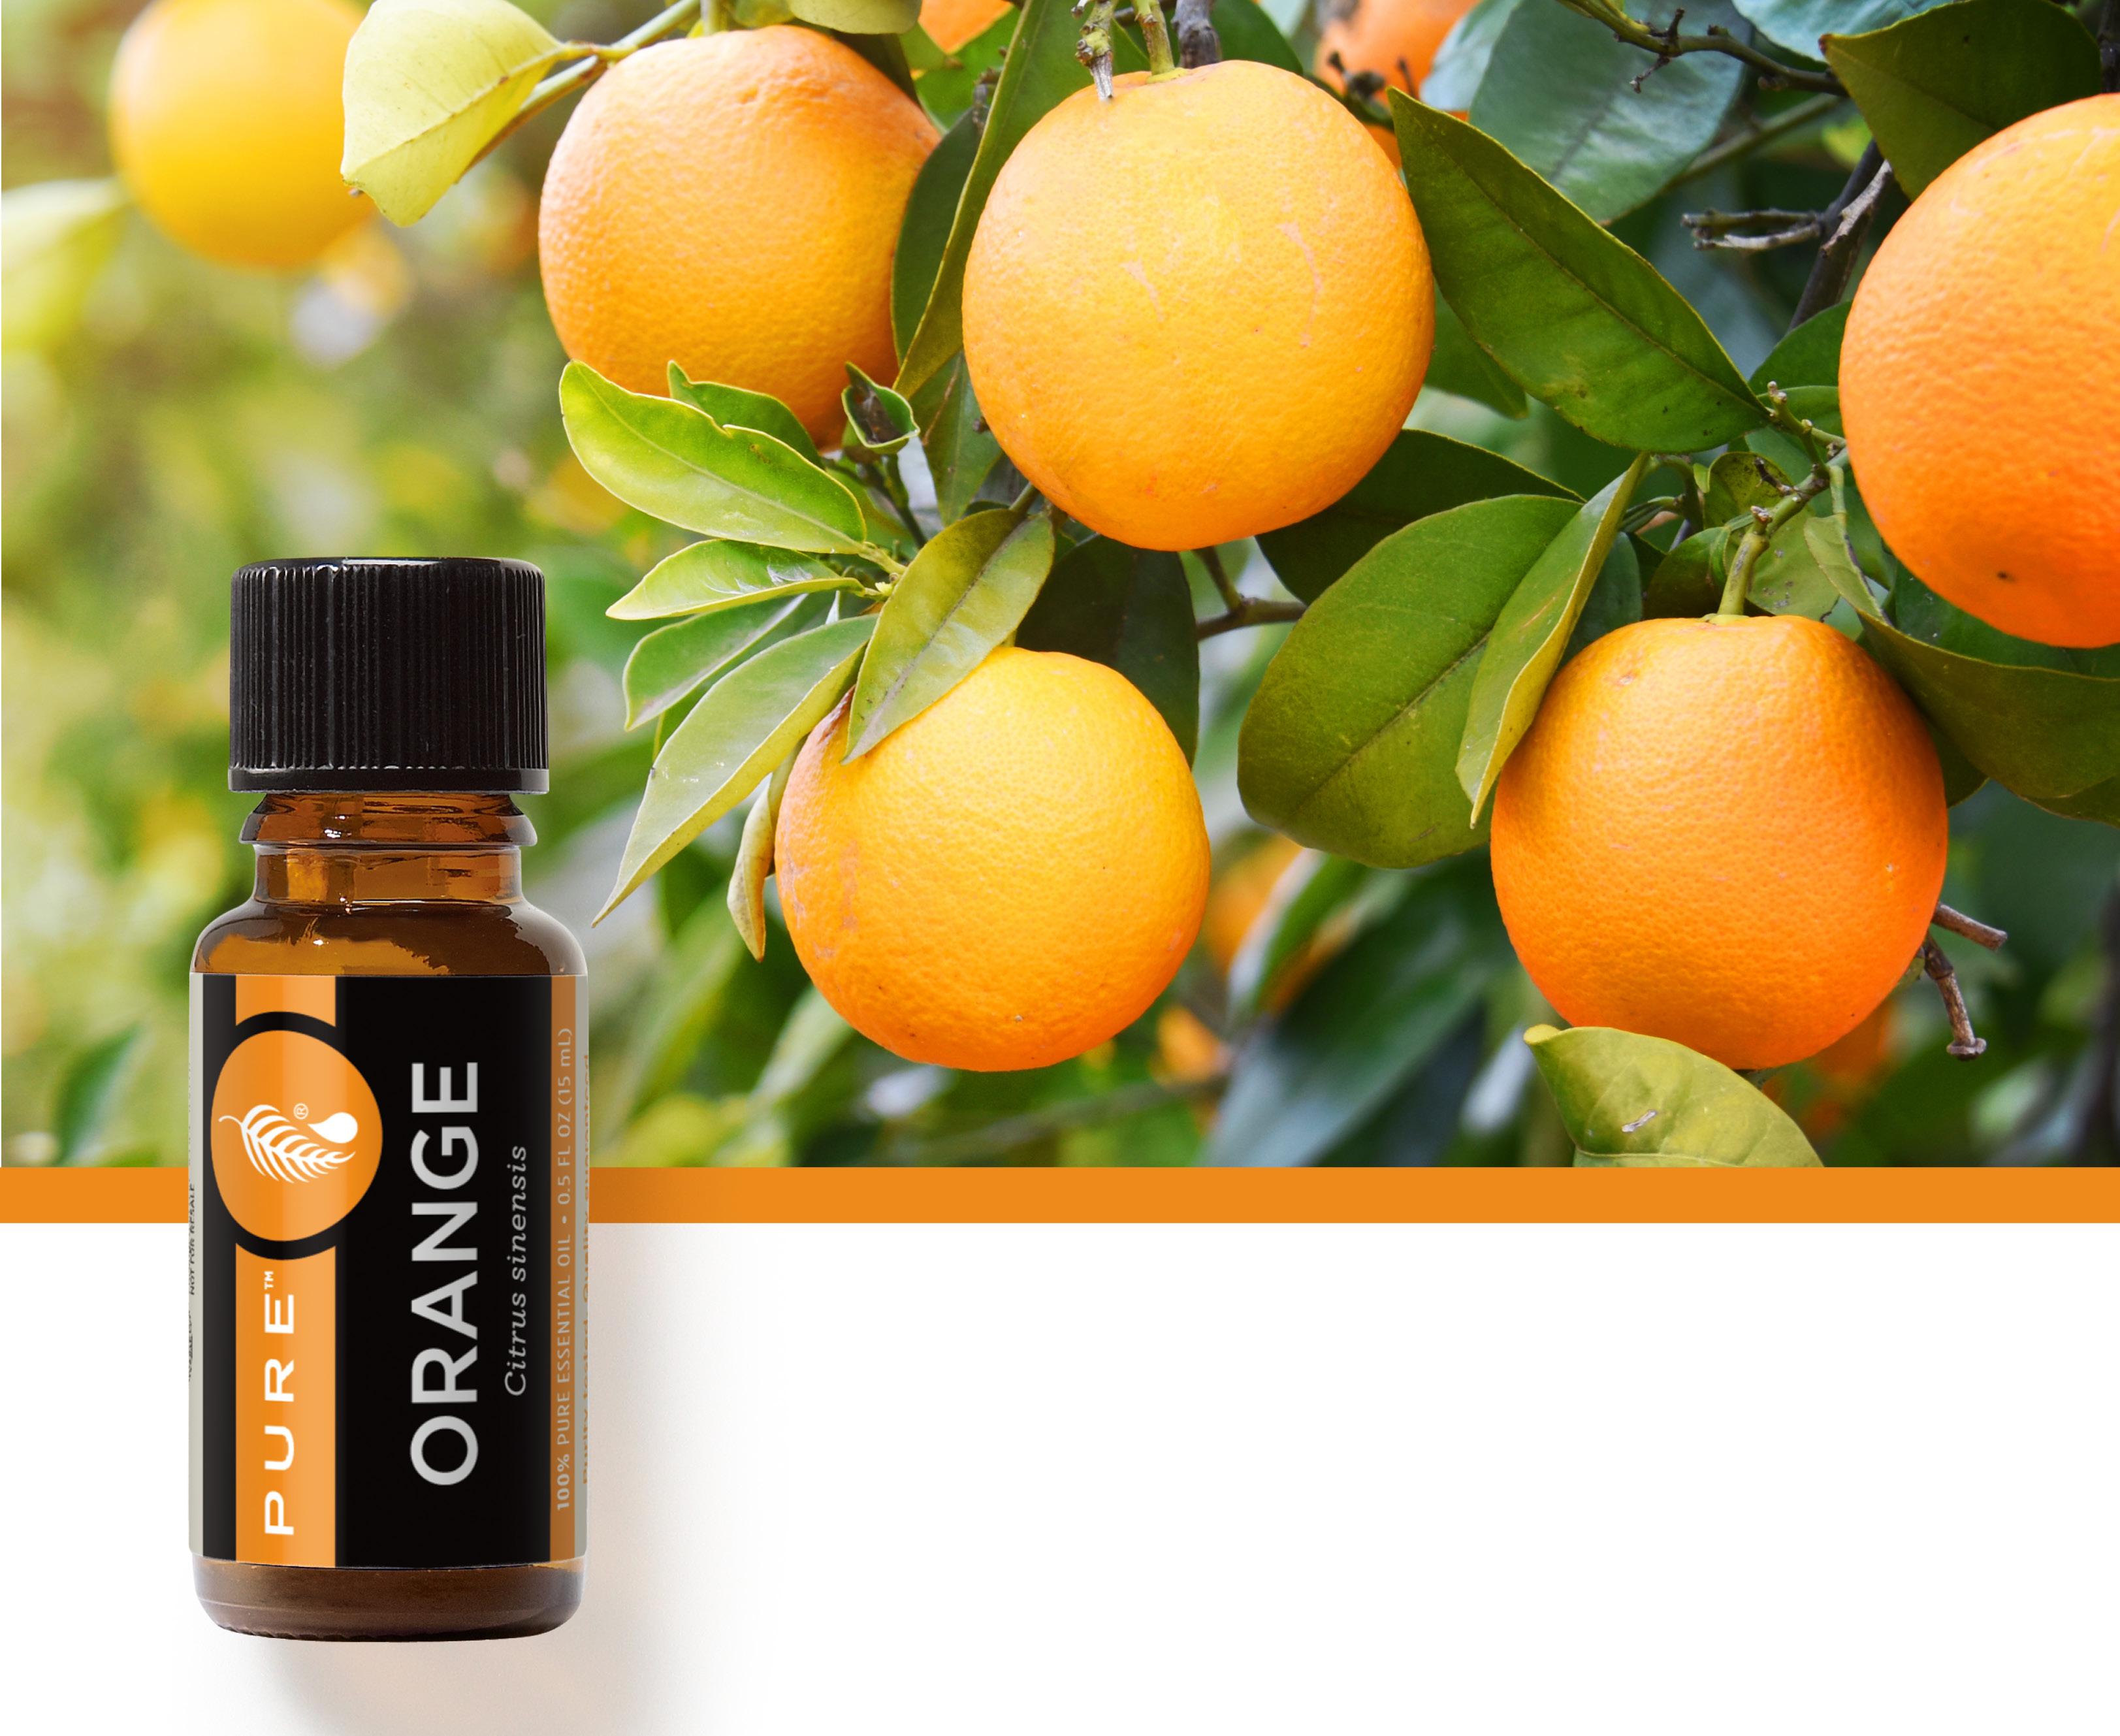 美樂家純質甜橙精油,為你帶來活力與愉悅的一天